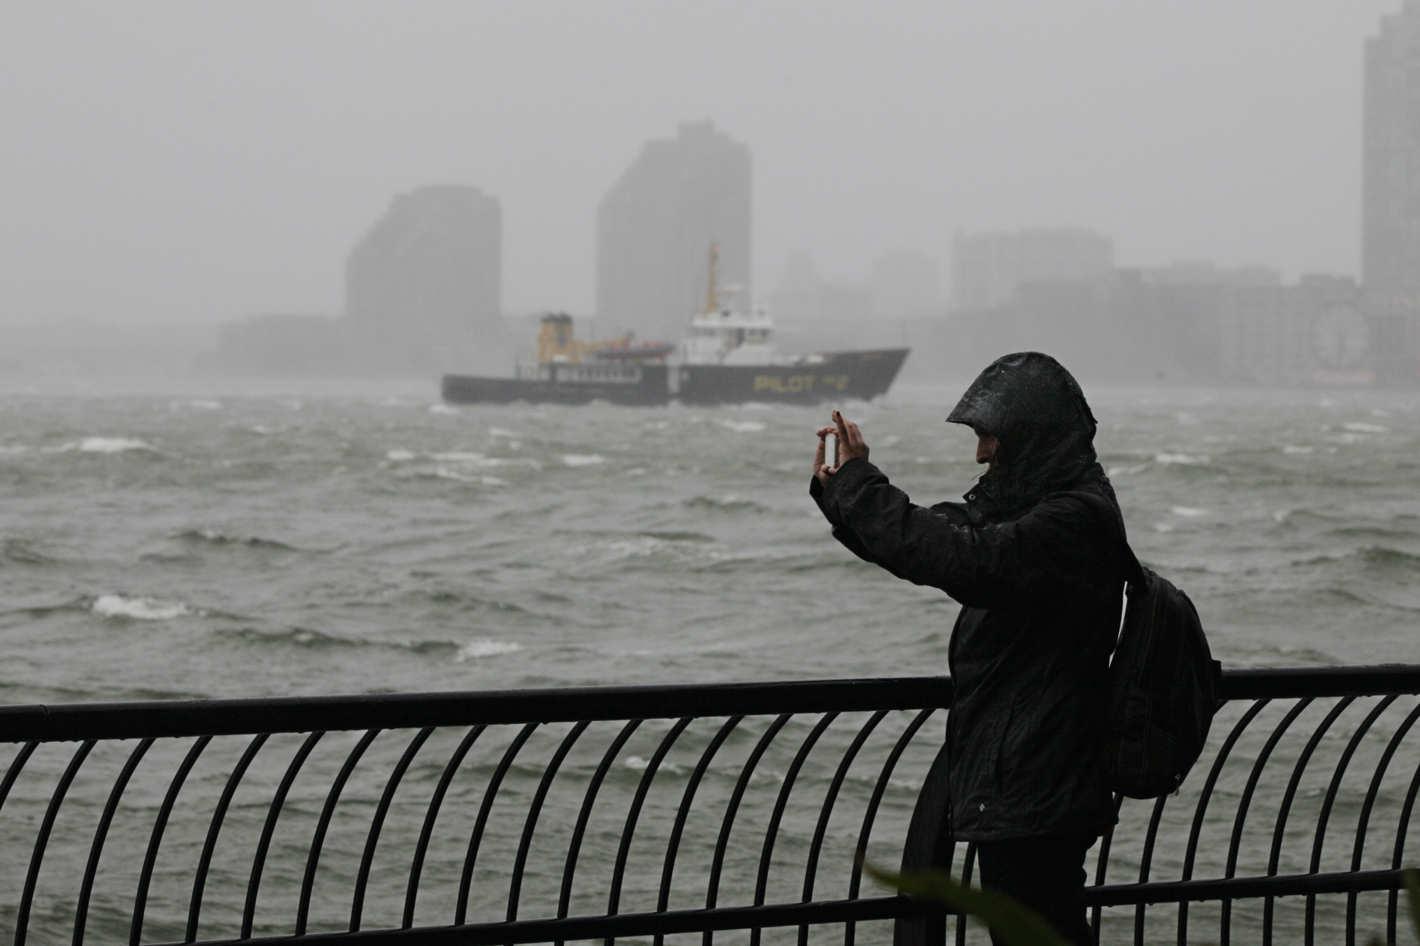 30-social-media-storm.w710.h473.2x